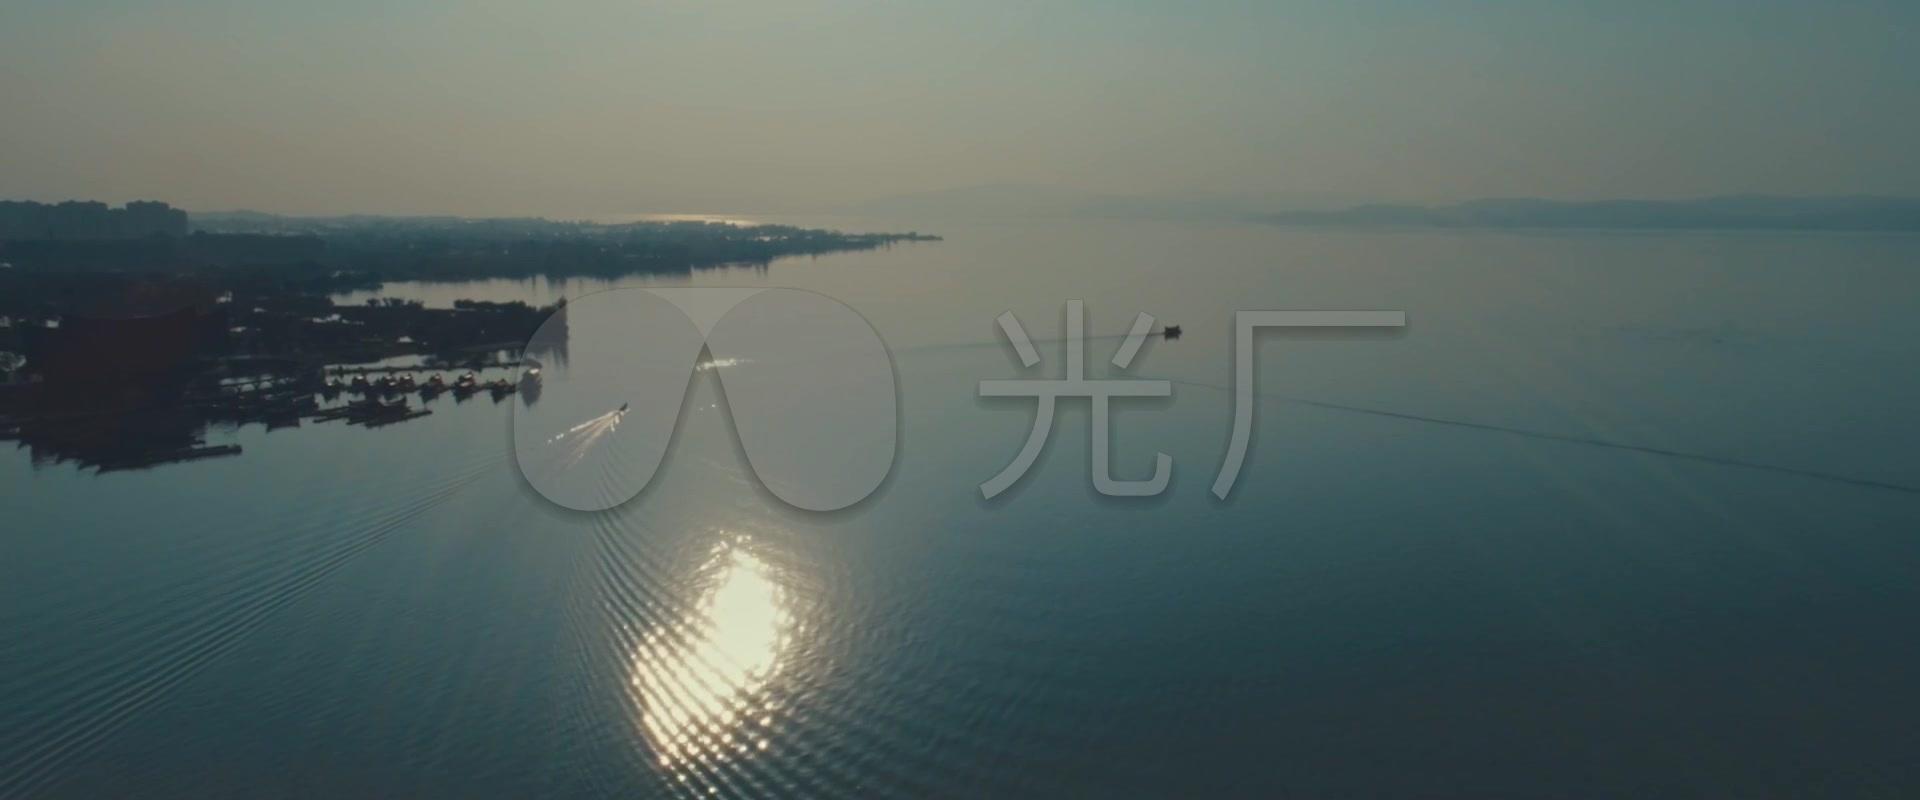 滇池昆明视频拼音v视频_1920X800_生态高清素视频下载视频图片